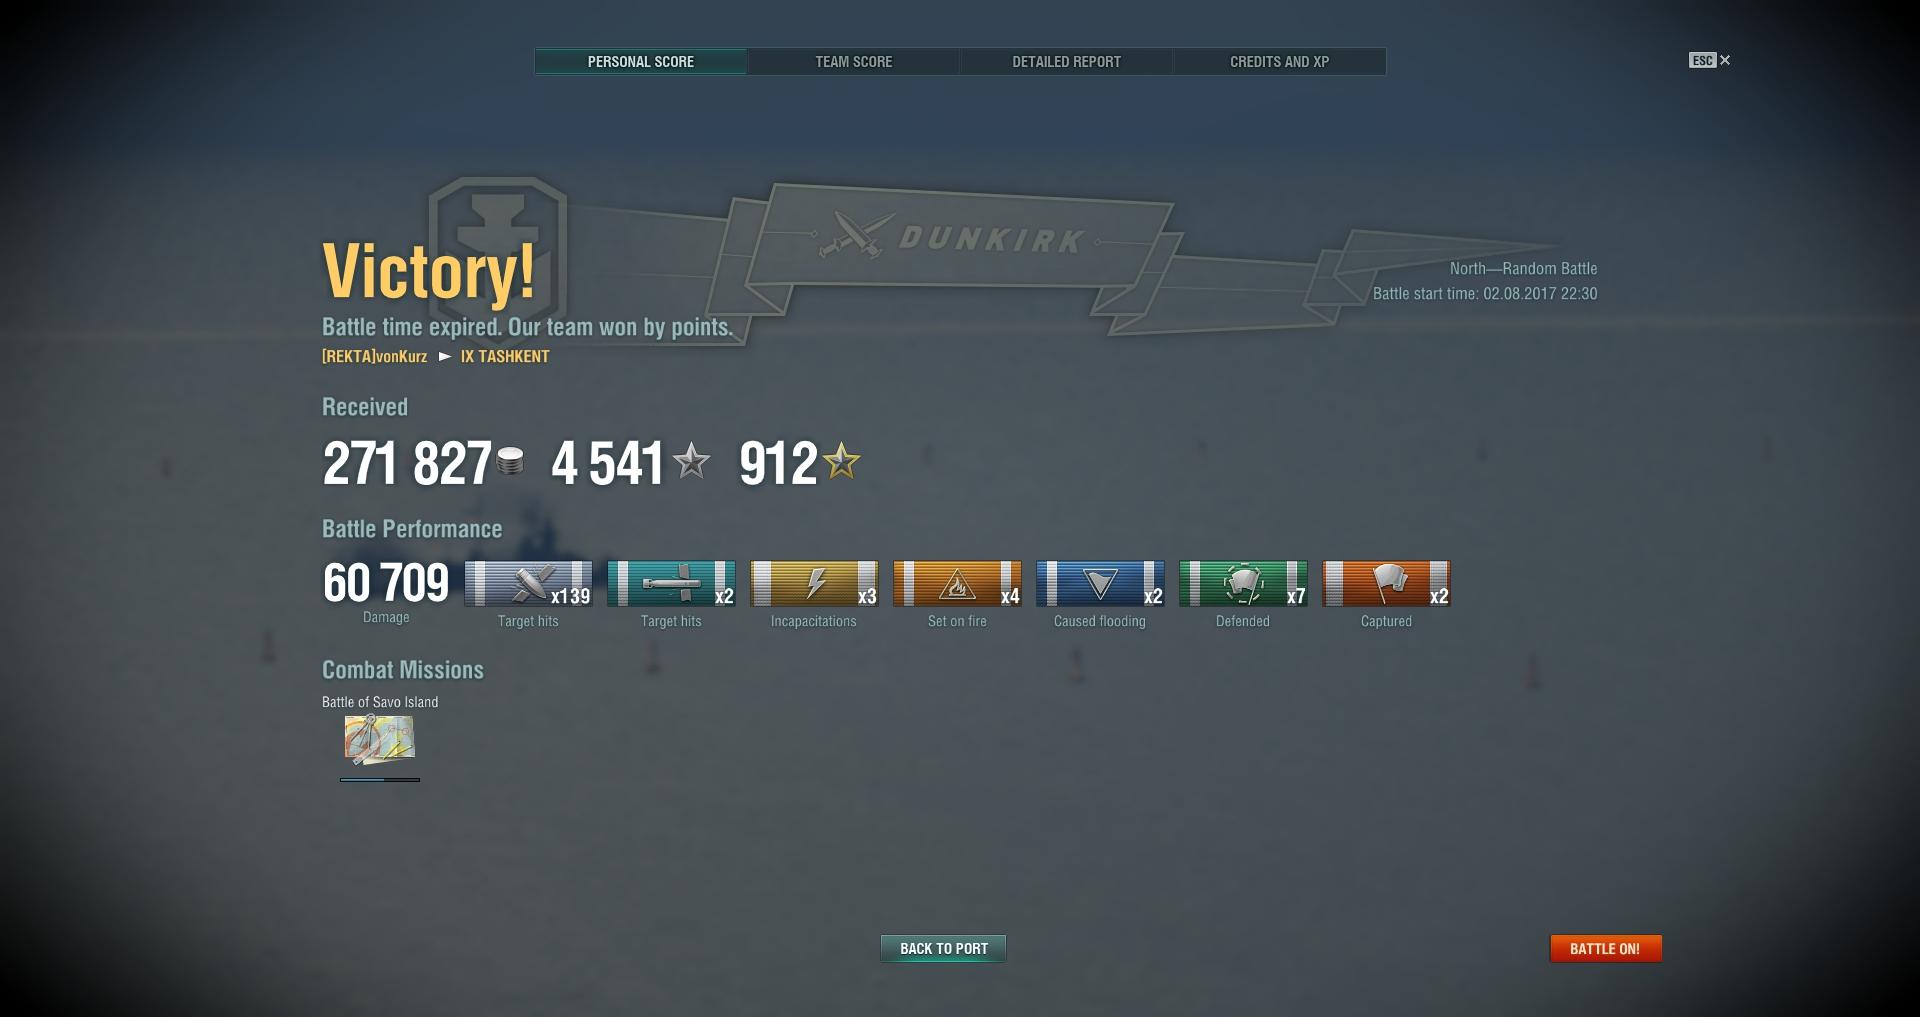 shot-17.08.02_22.51.34-0988.jpg